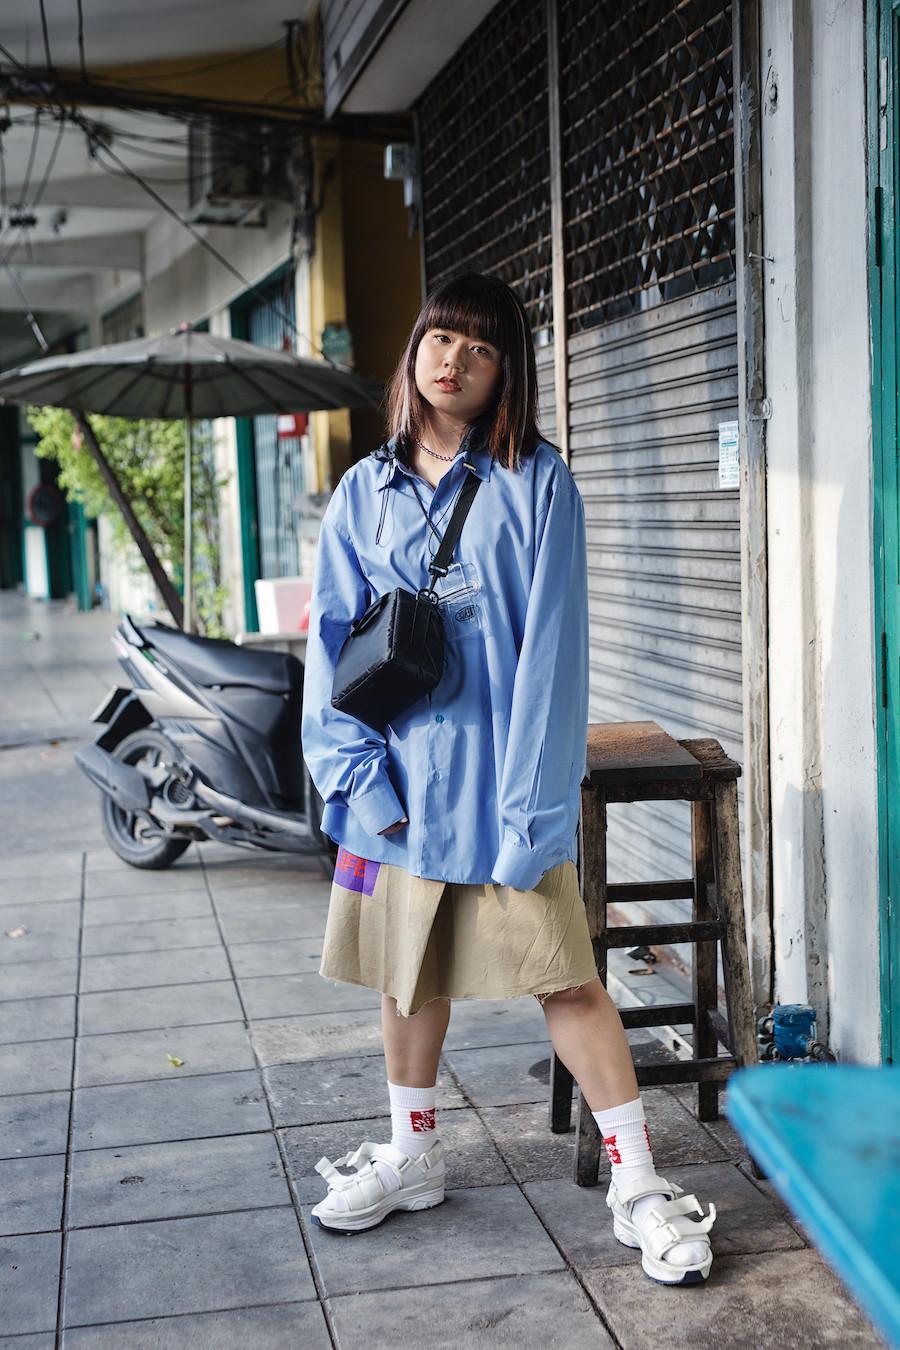 Style Profile Ice Fashion Designer Bangkok